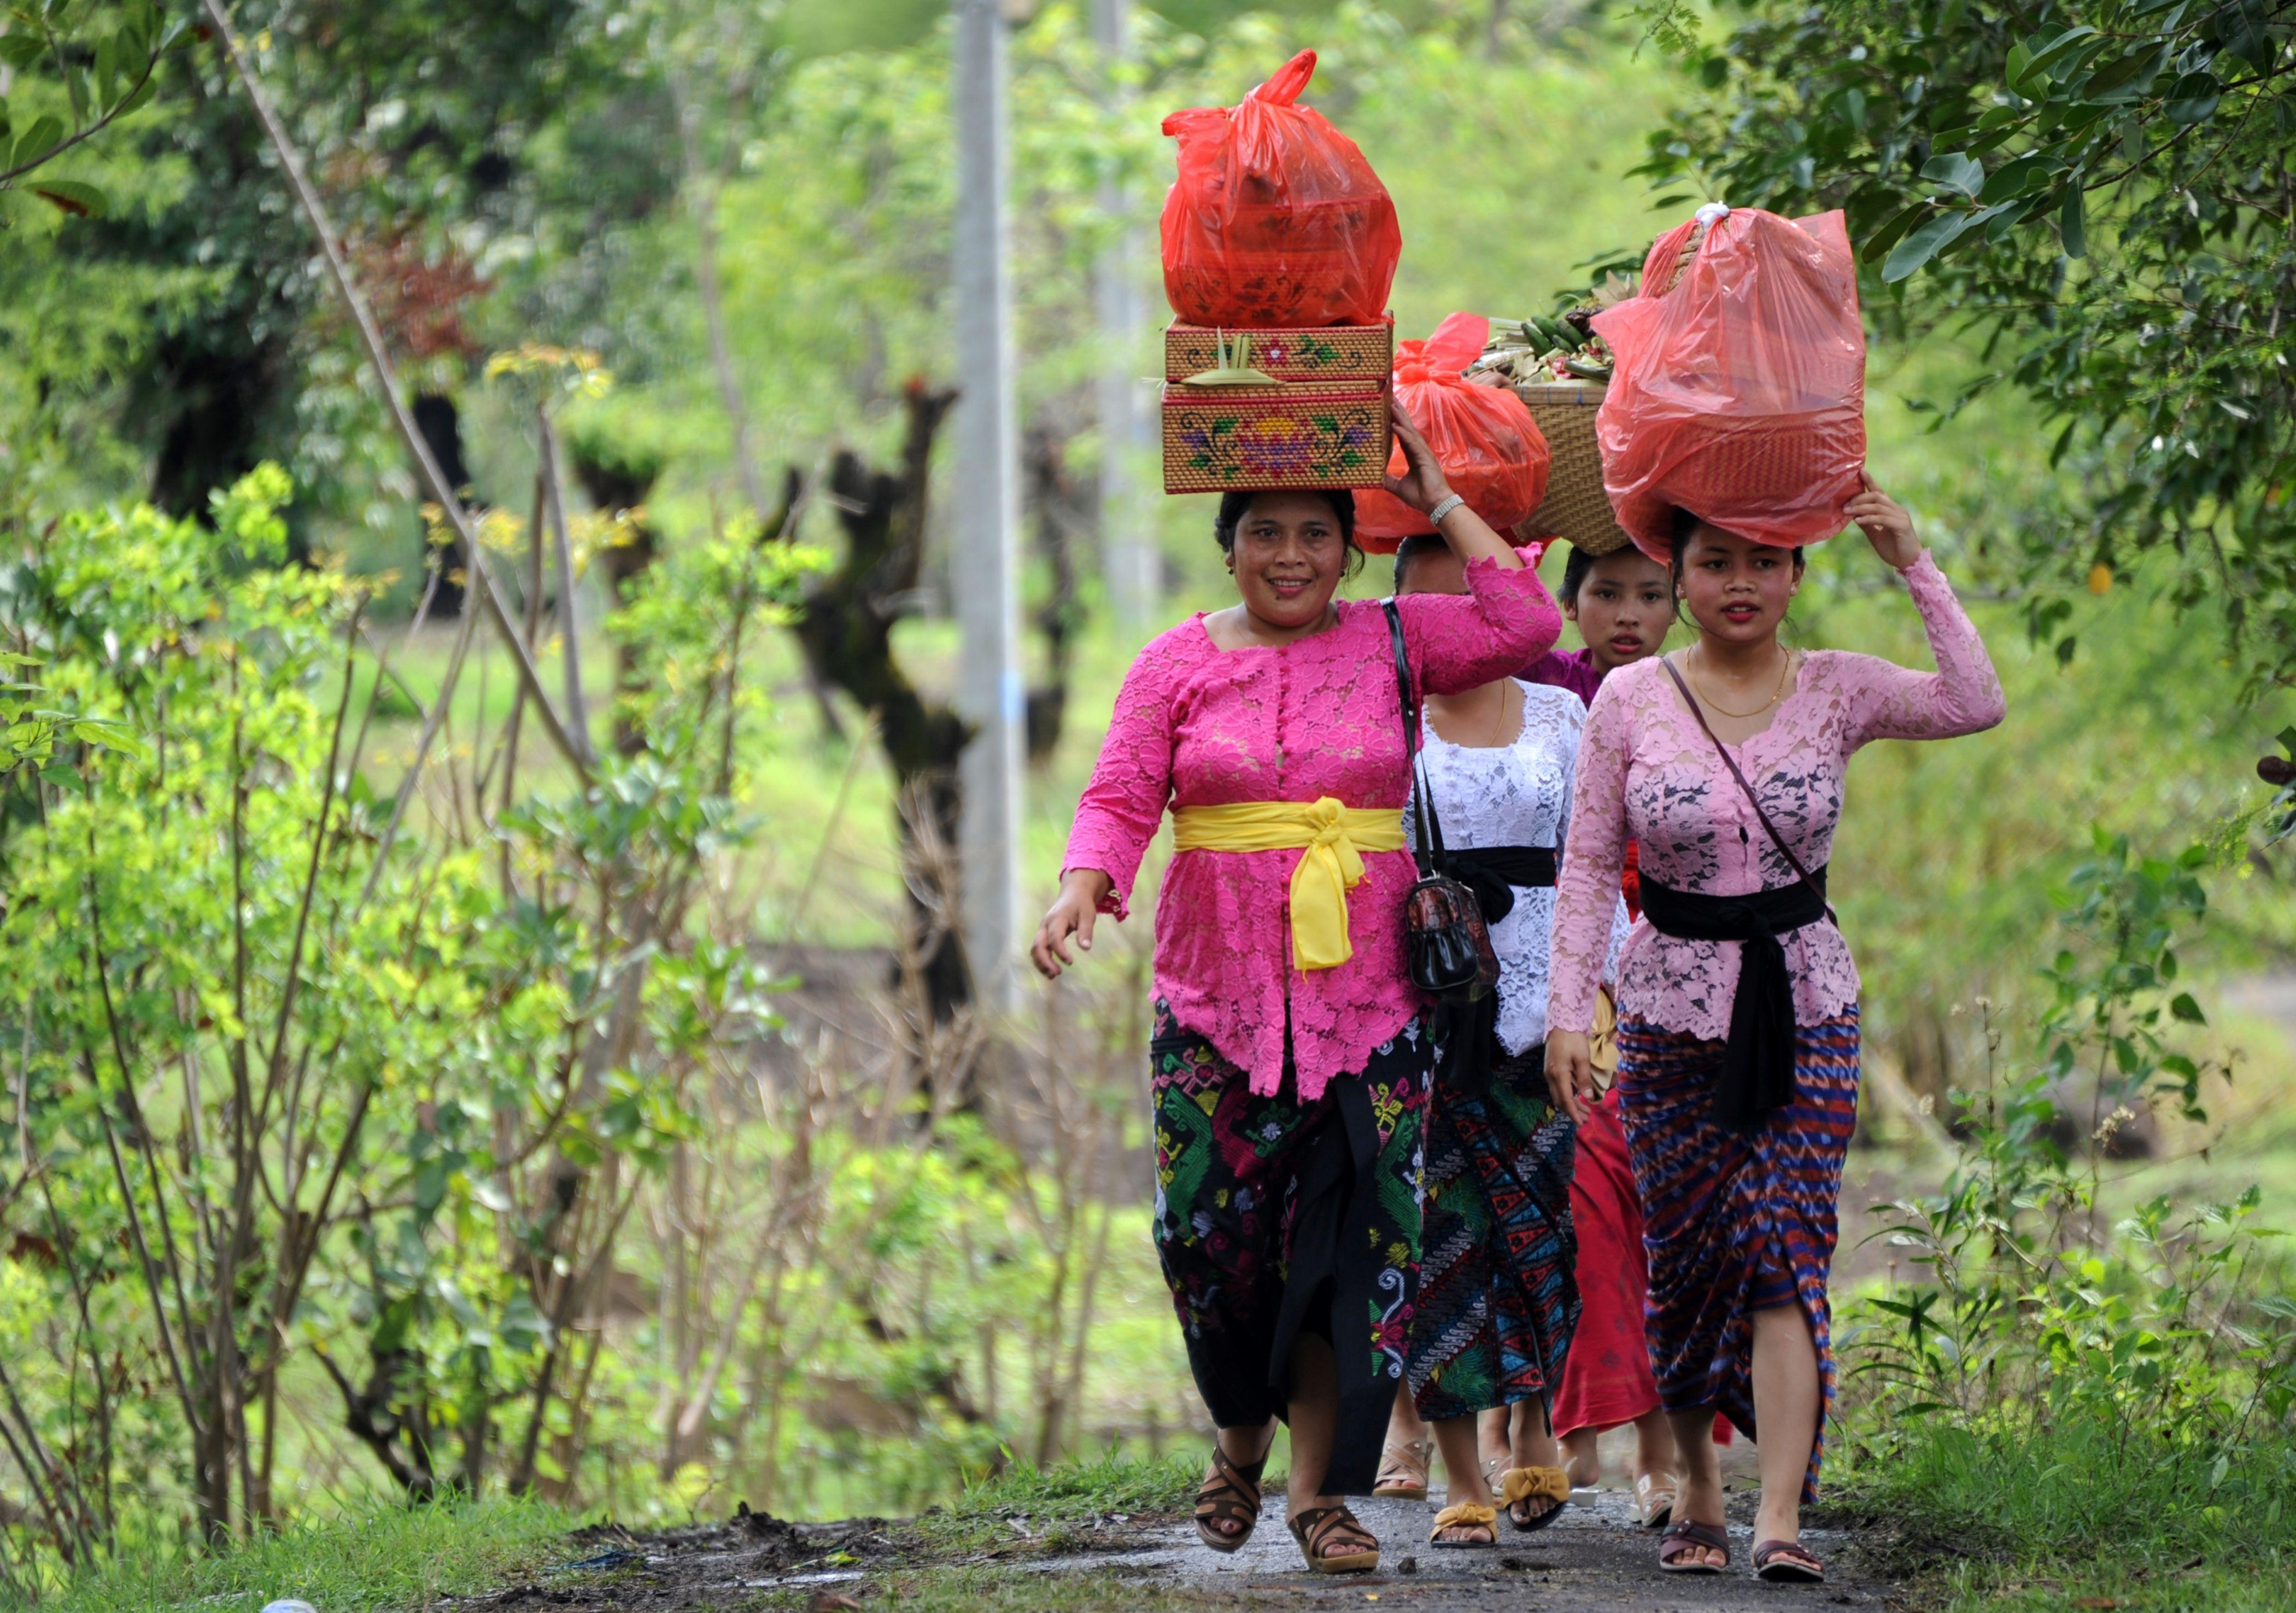 مواطنون فى طريقهم إلى معبد كوبو